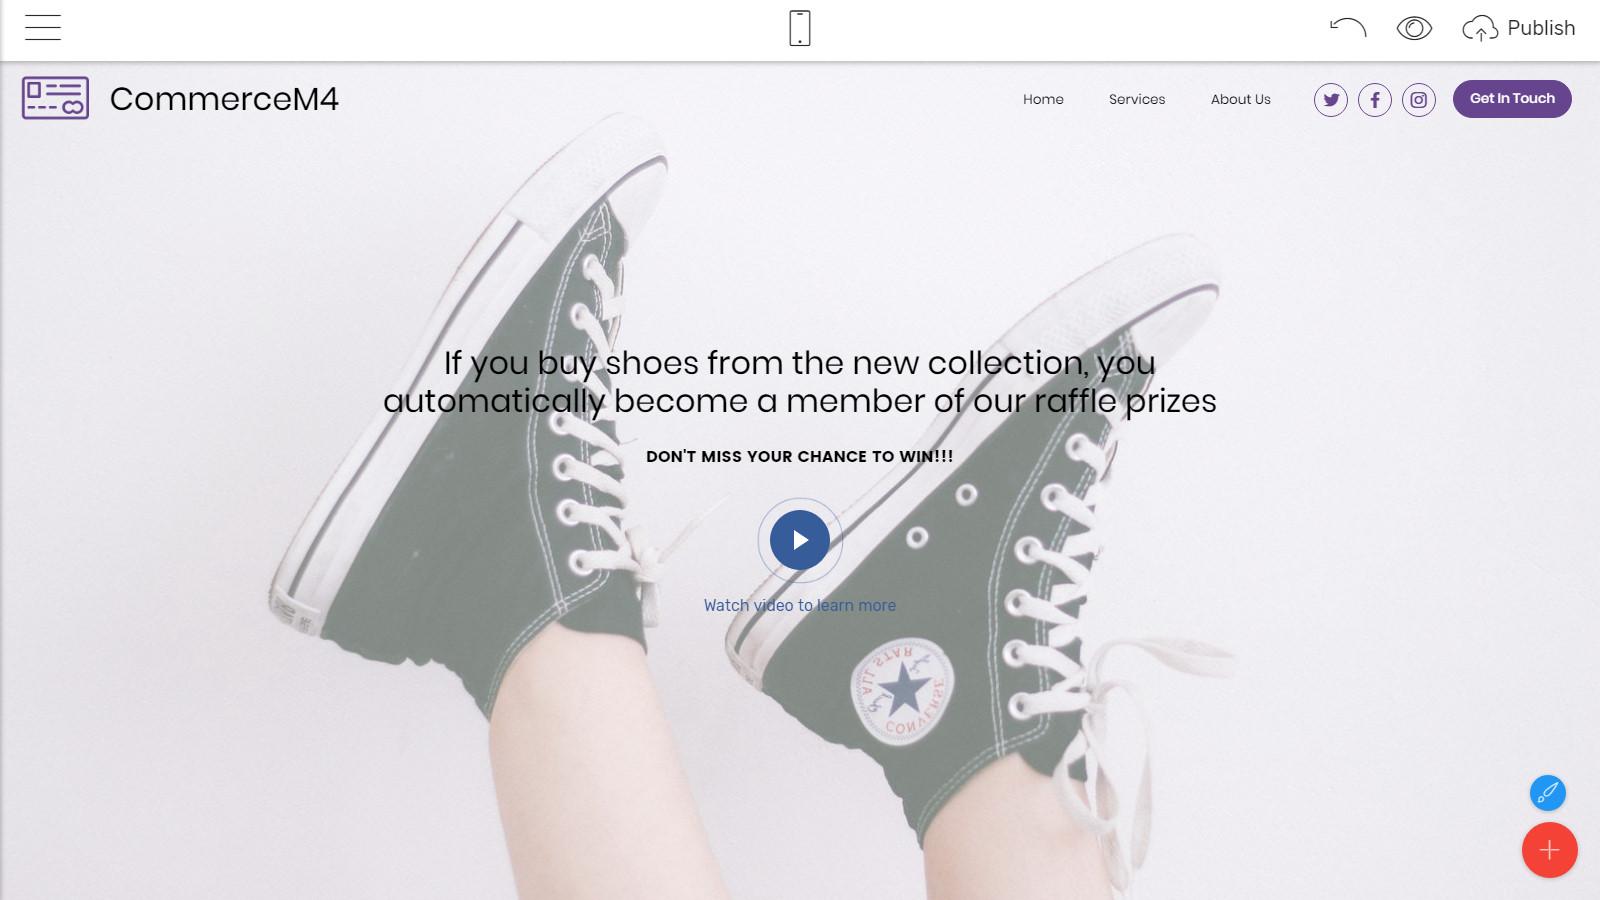 responsive website layouts